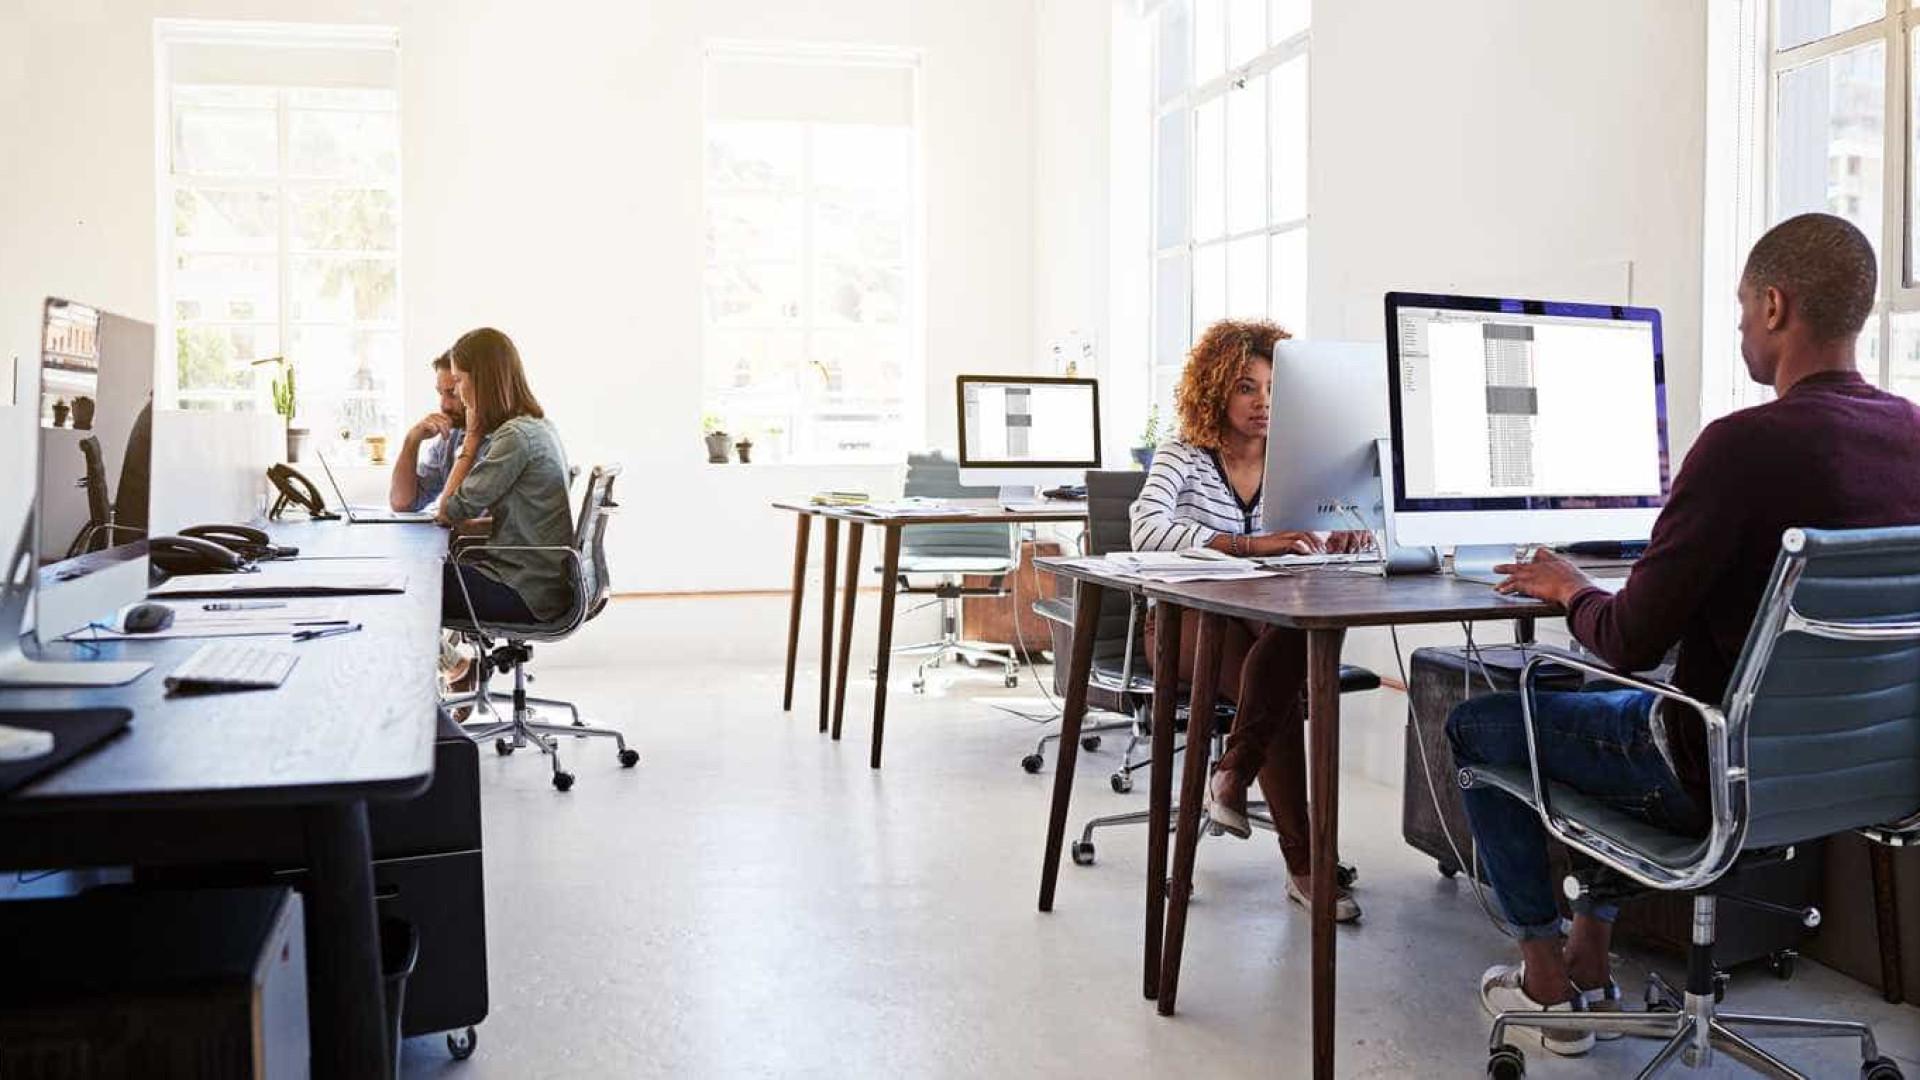 Criação de empresas cresce 5,8% no primeiro semestre